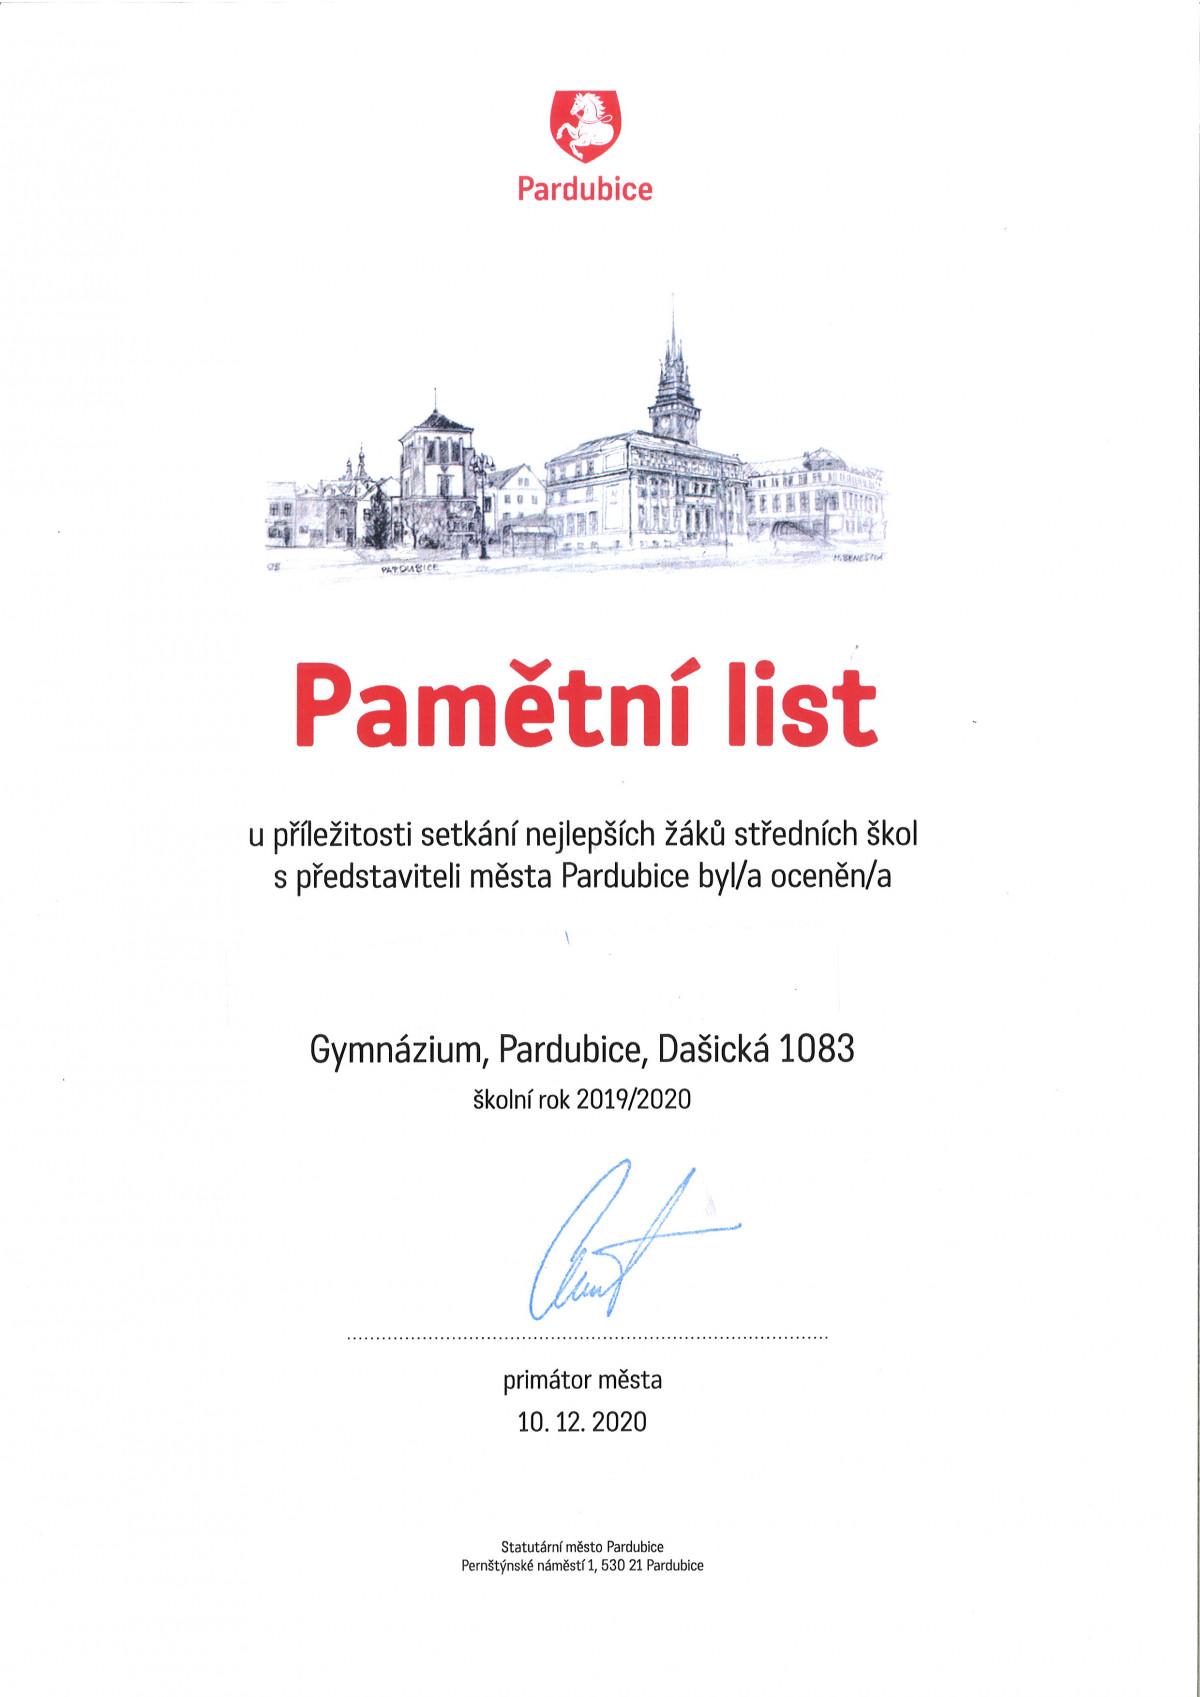 pam_list